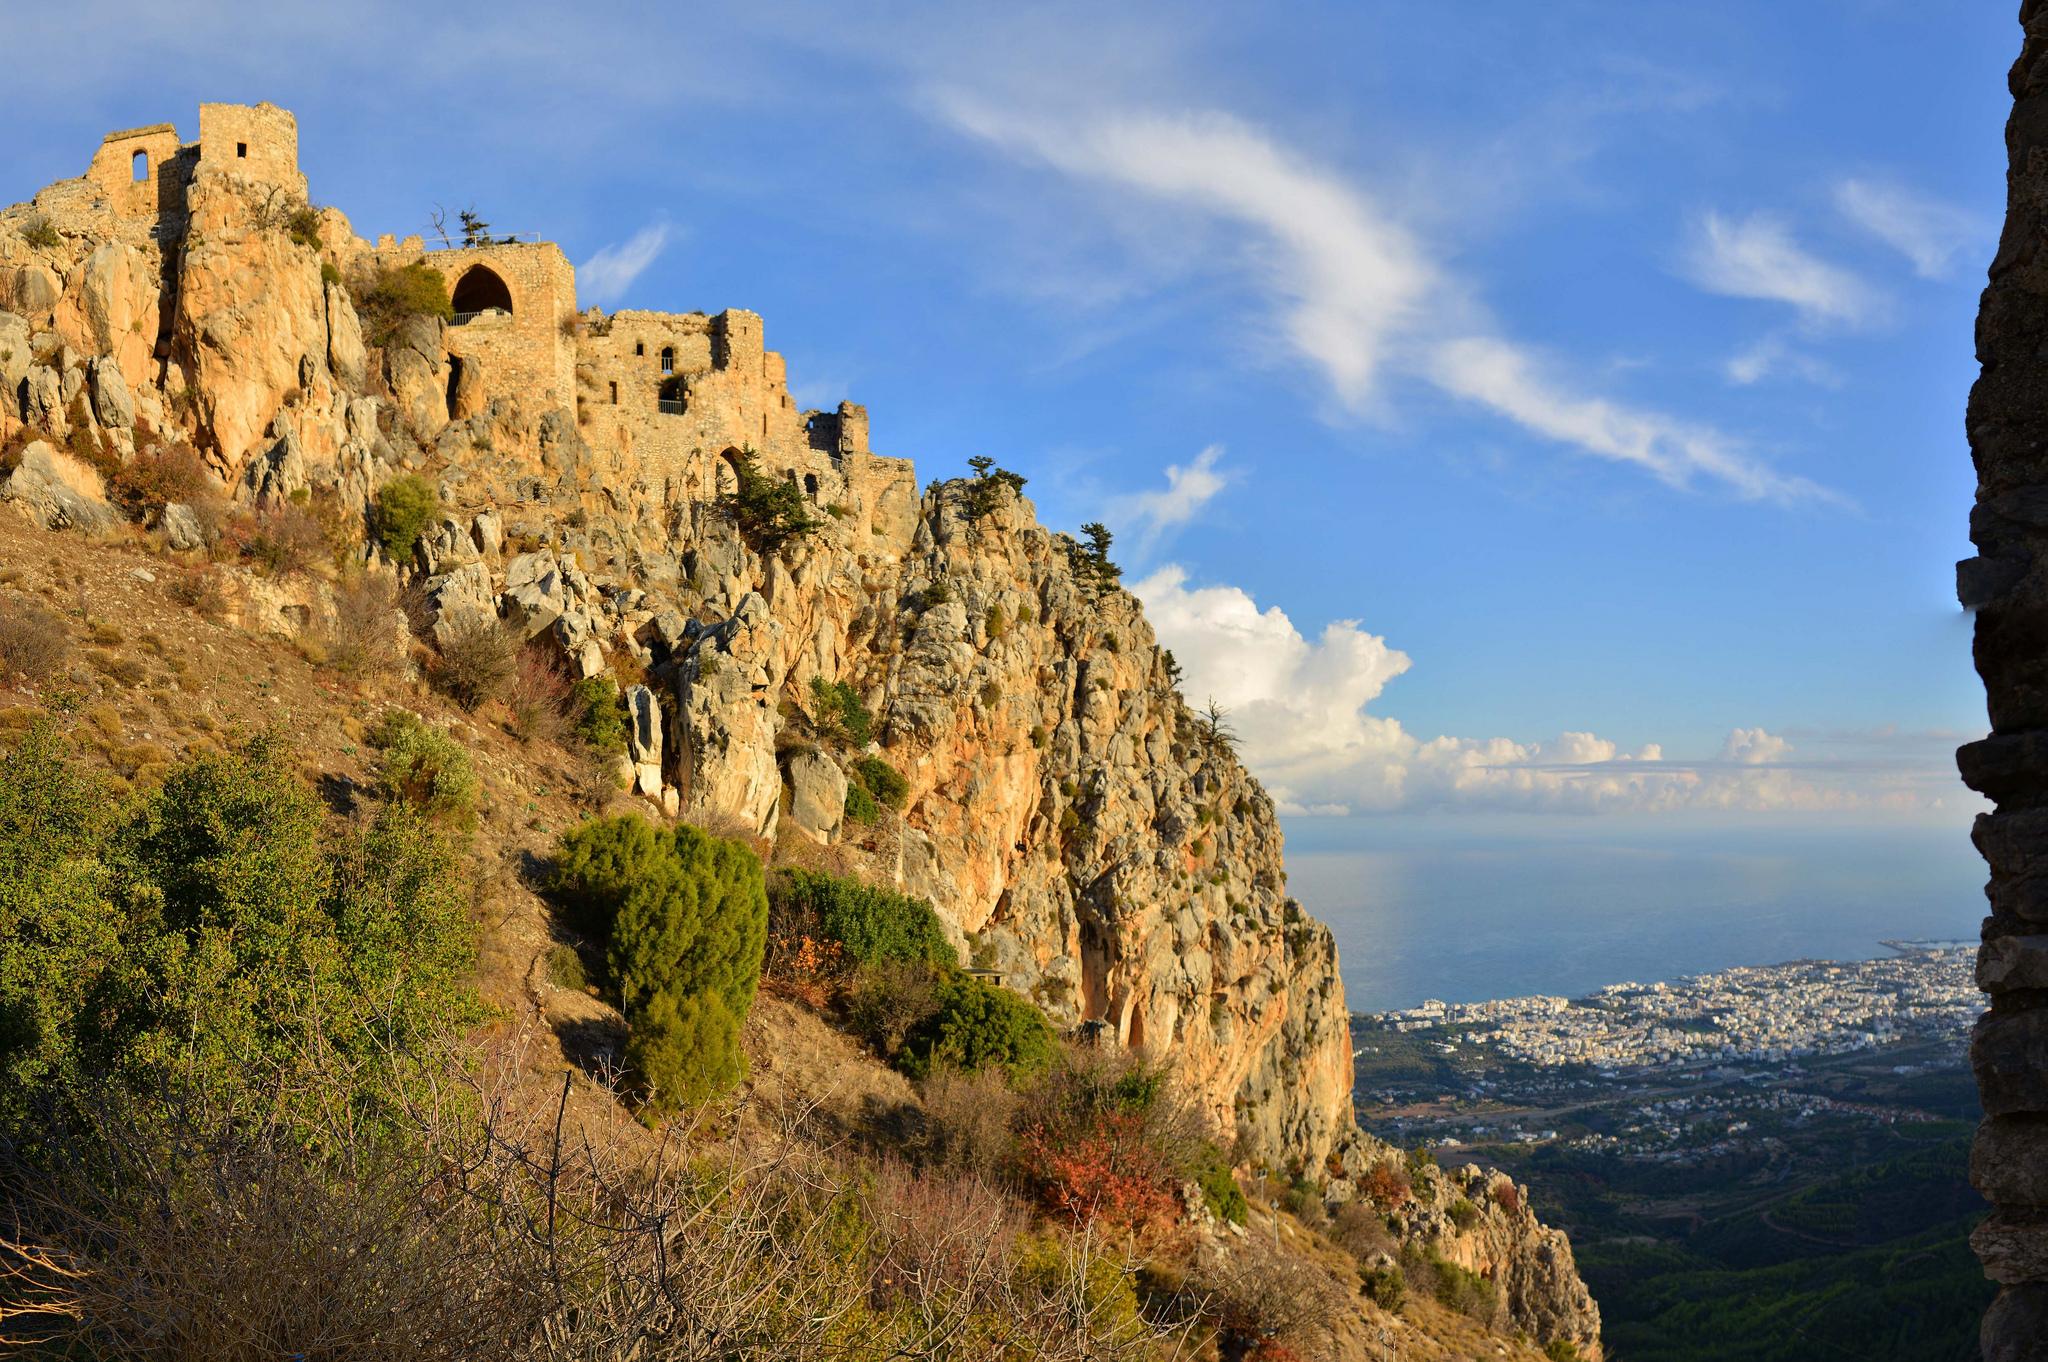 Вид на замок Святого Иллариона, Северный Кипр